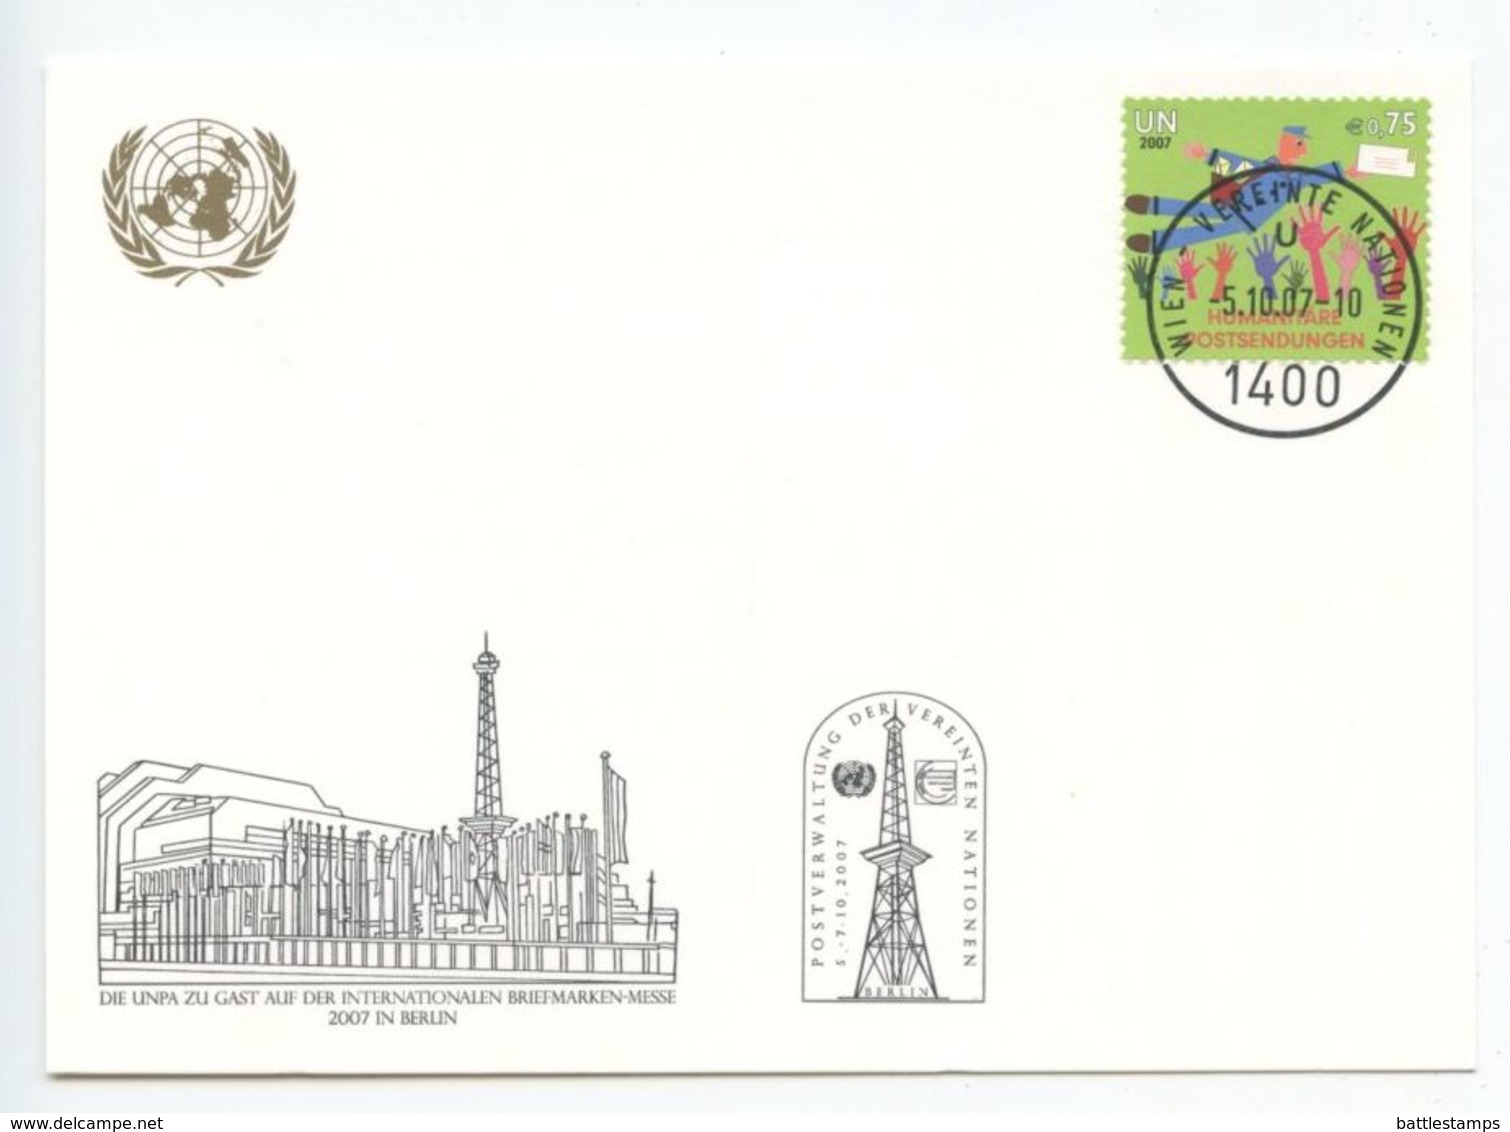 United Nations - Vienna 2007 Postcard Briefmarken-Messe, Scott 403 - Wien - Internationales Zentrum